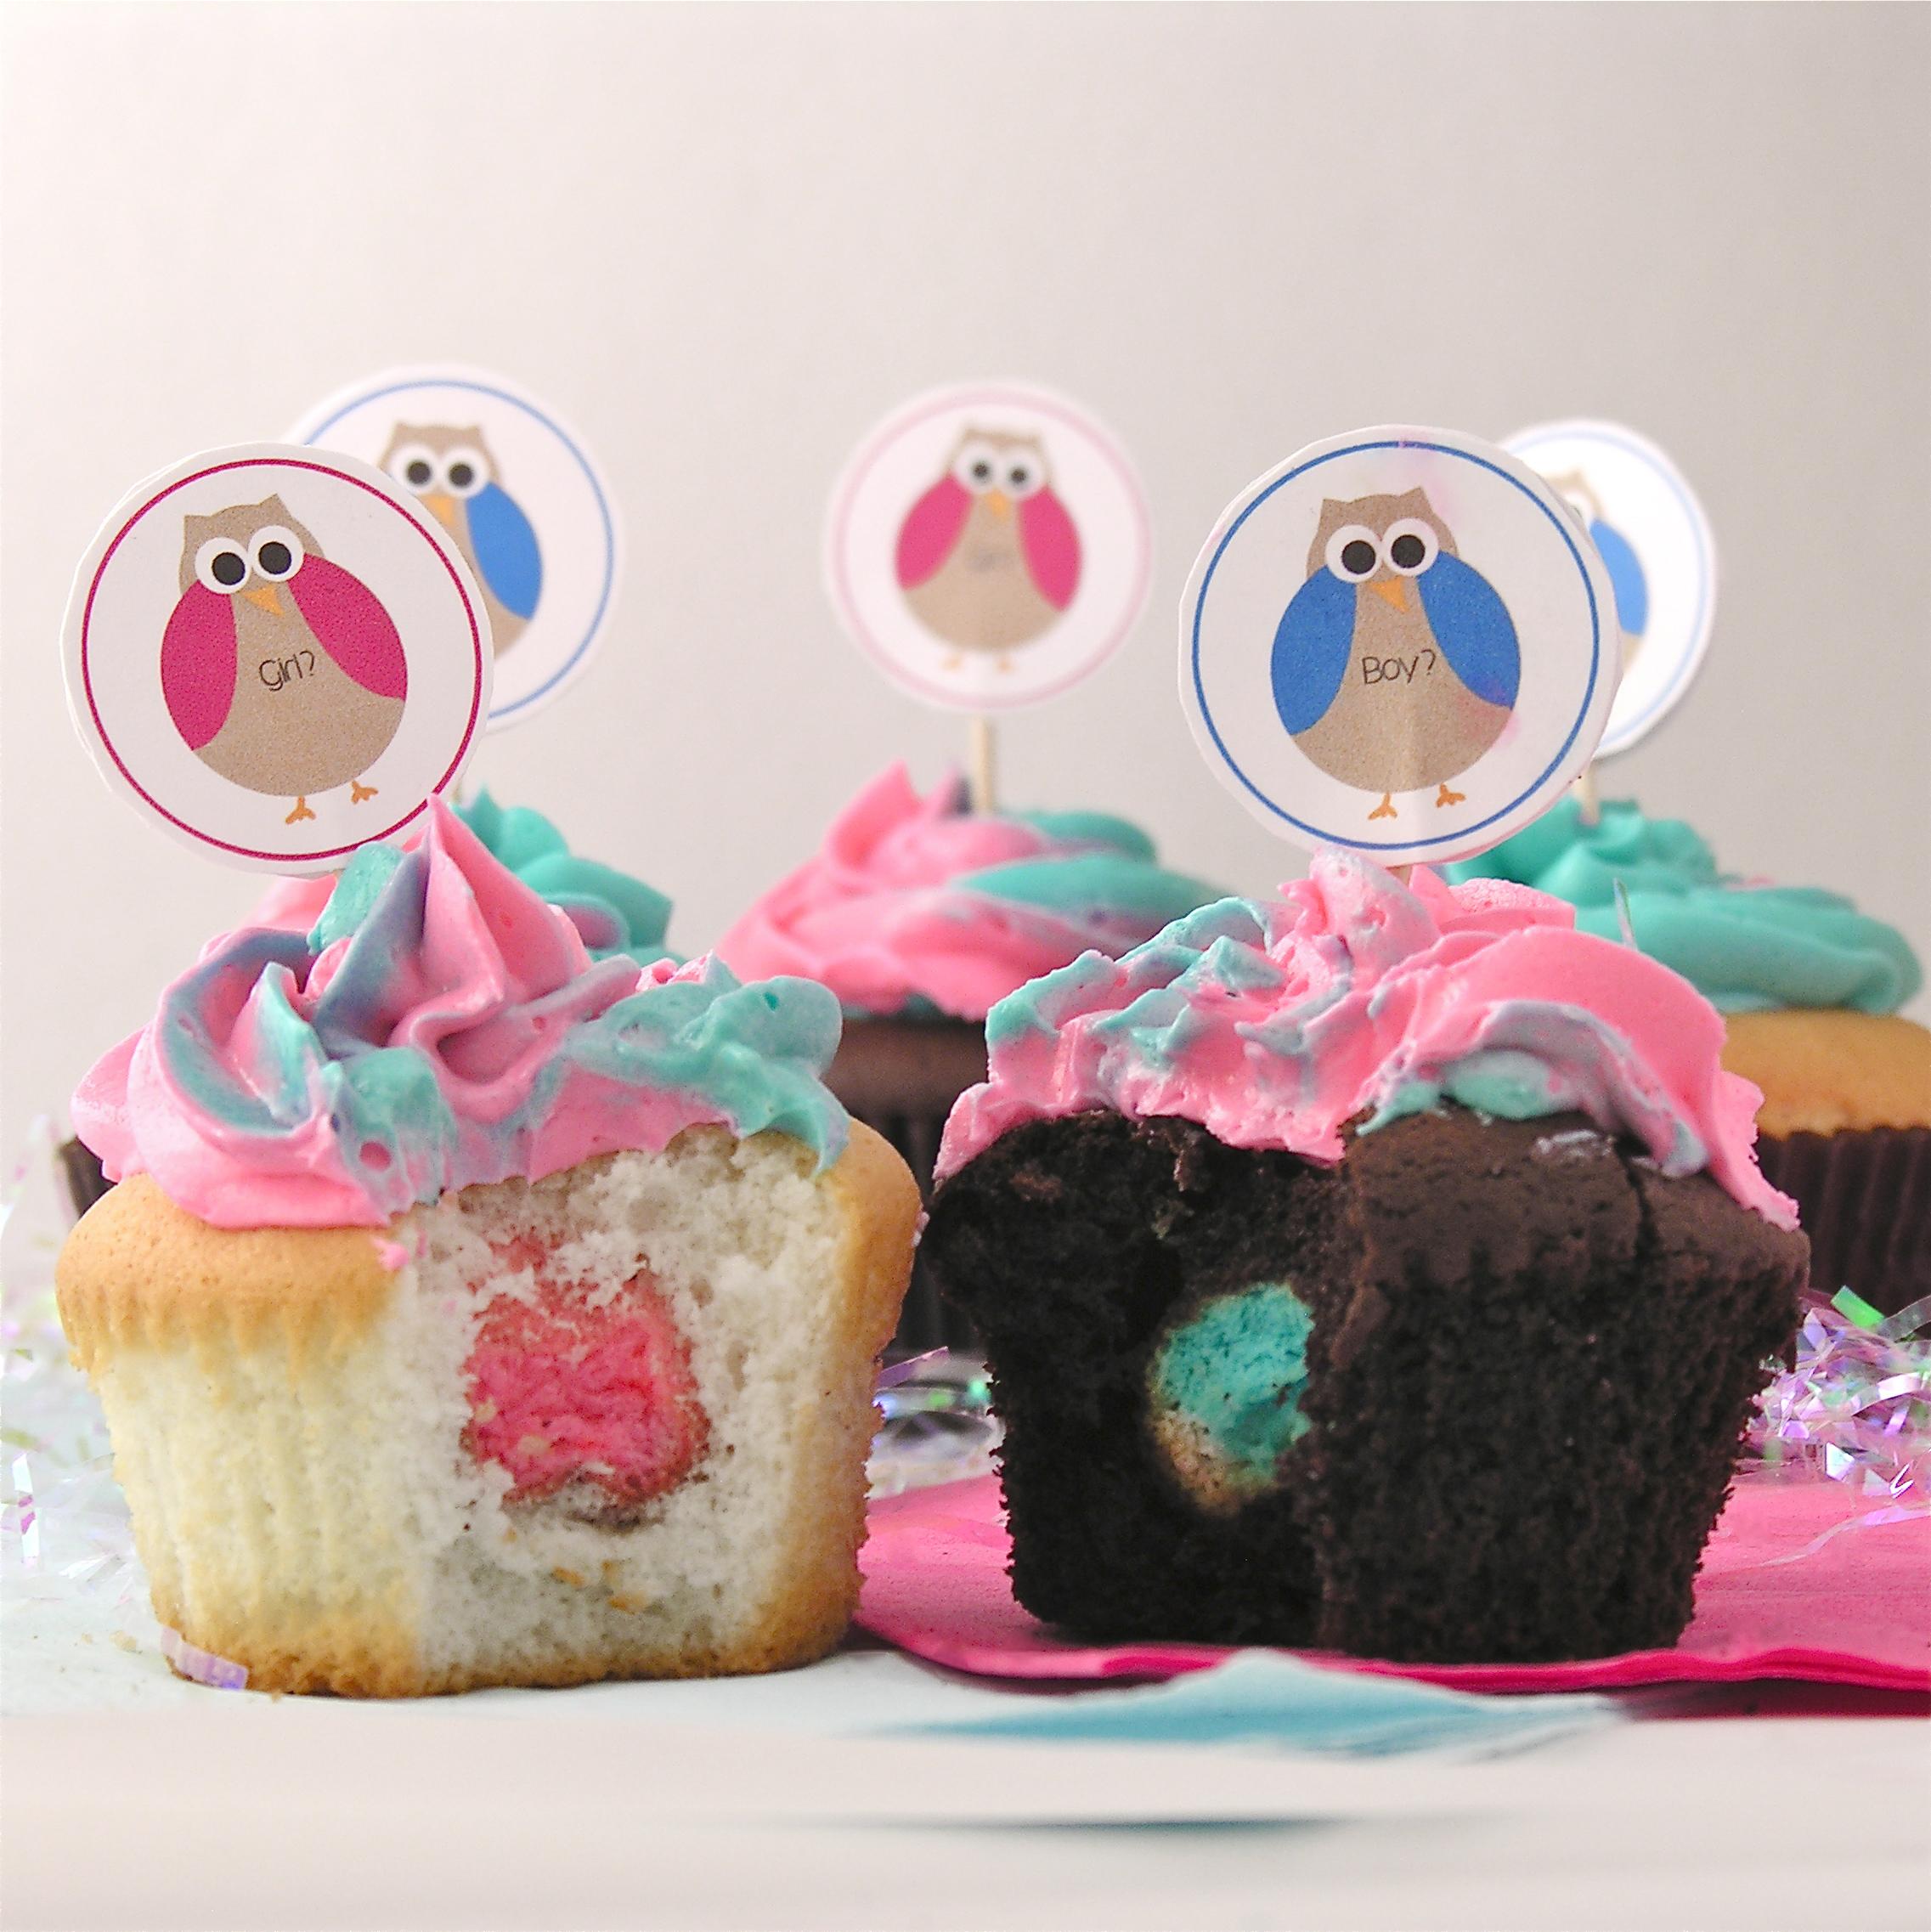 Gender Reveal Surprise Cupcakes EASYbAKED